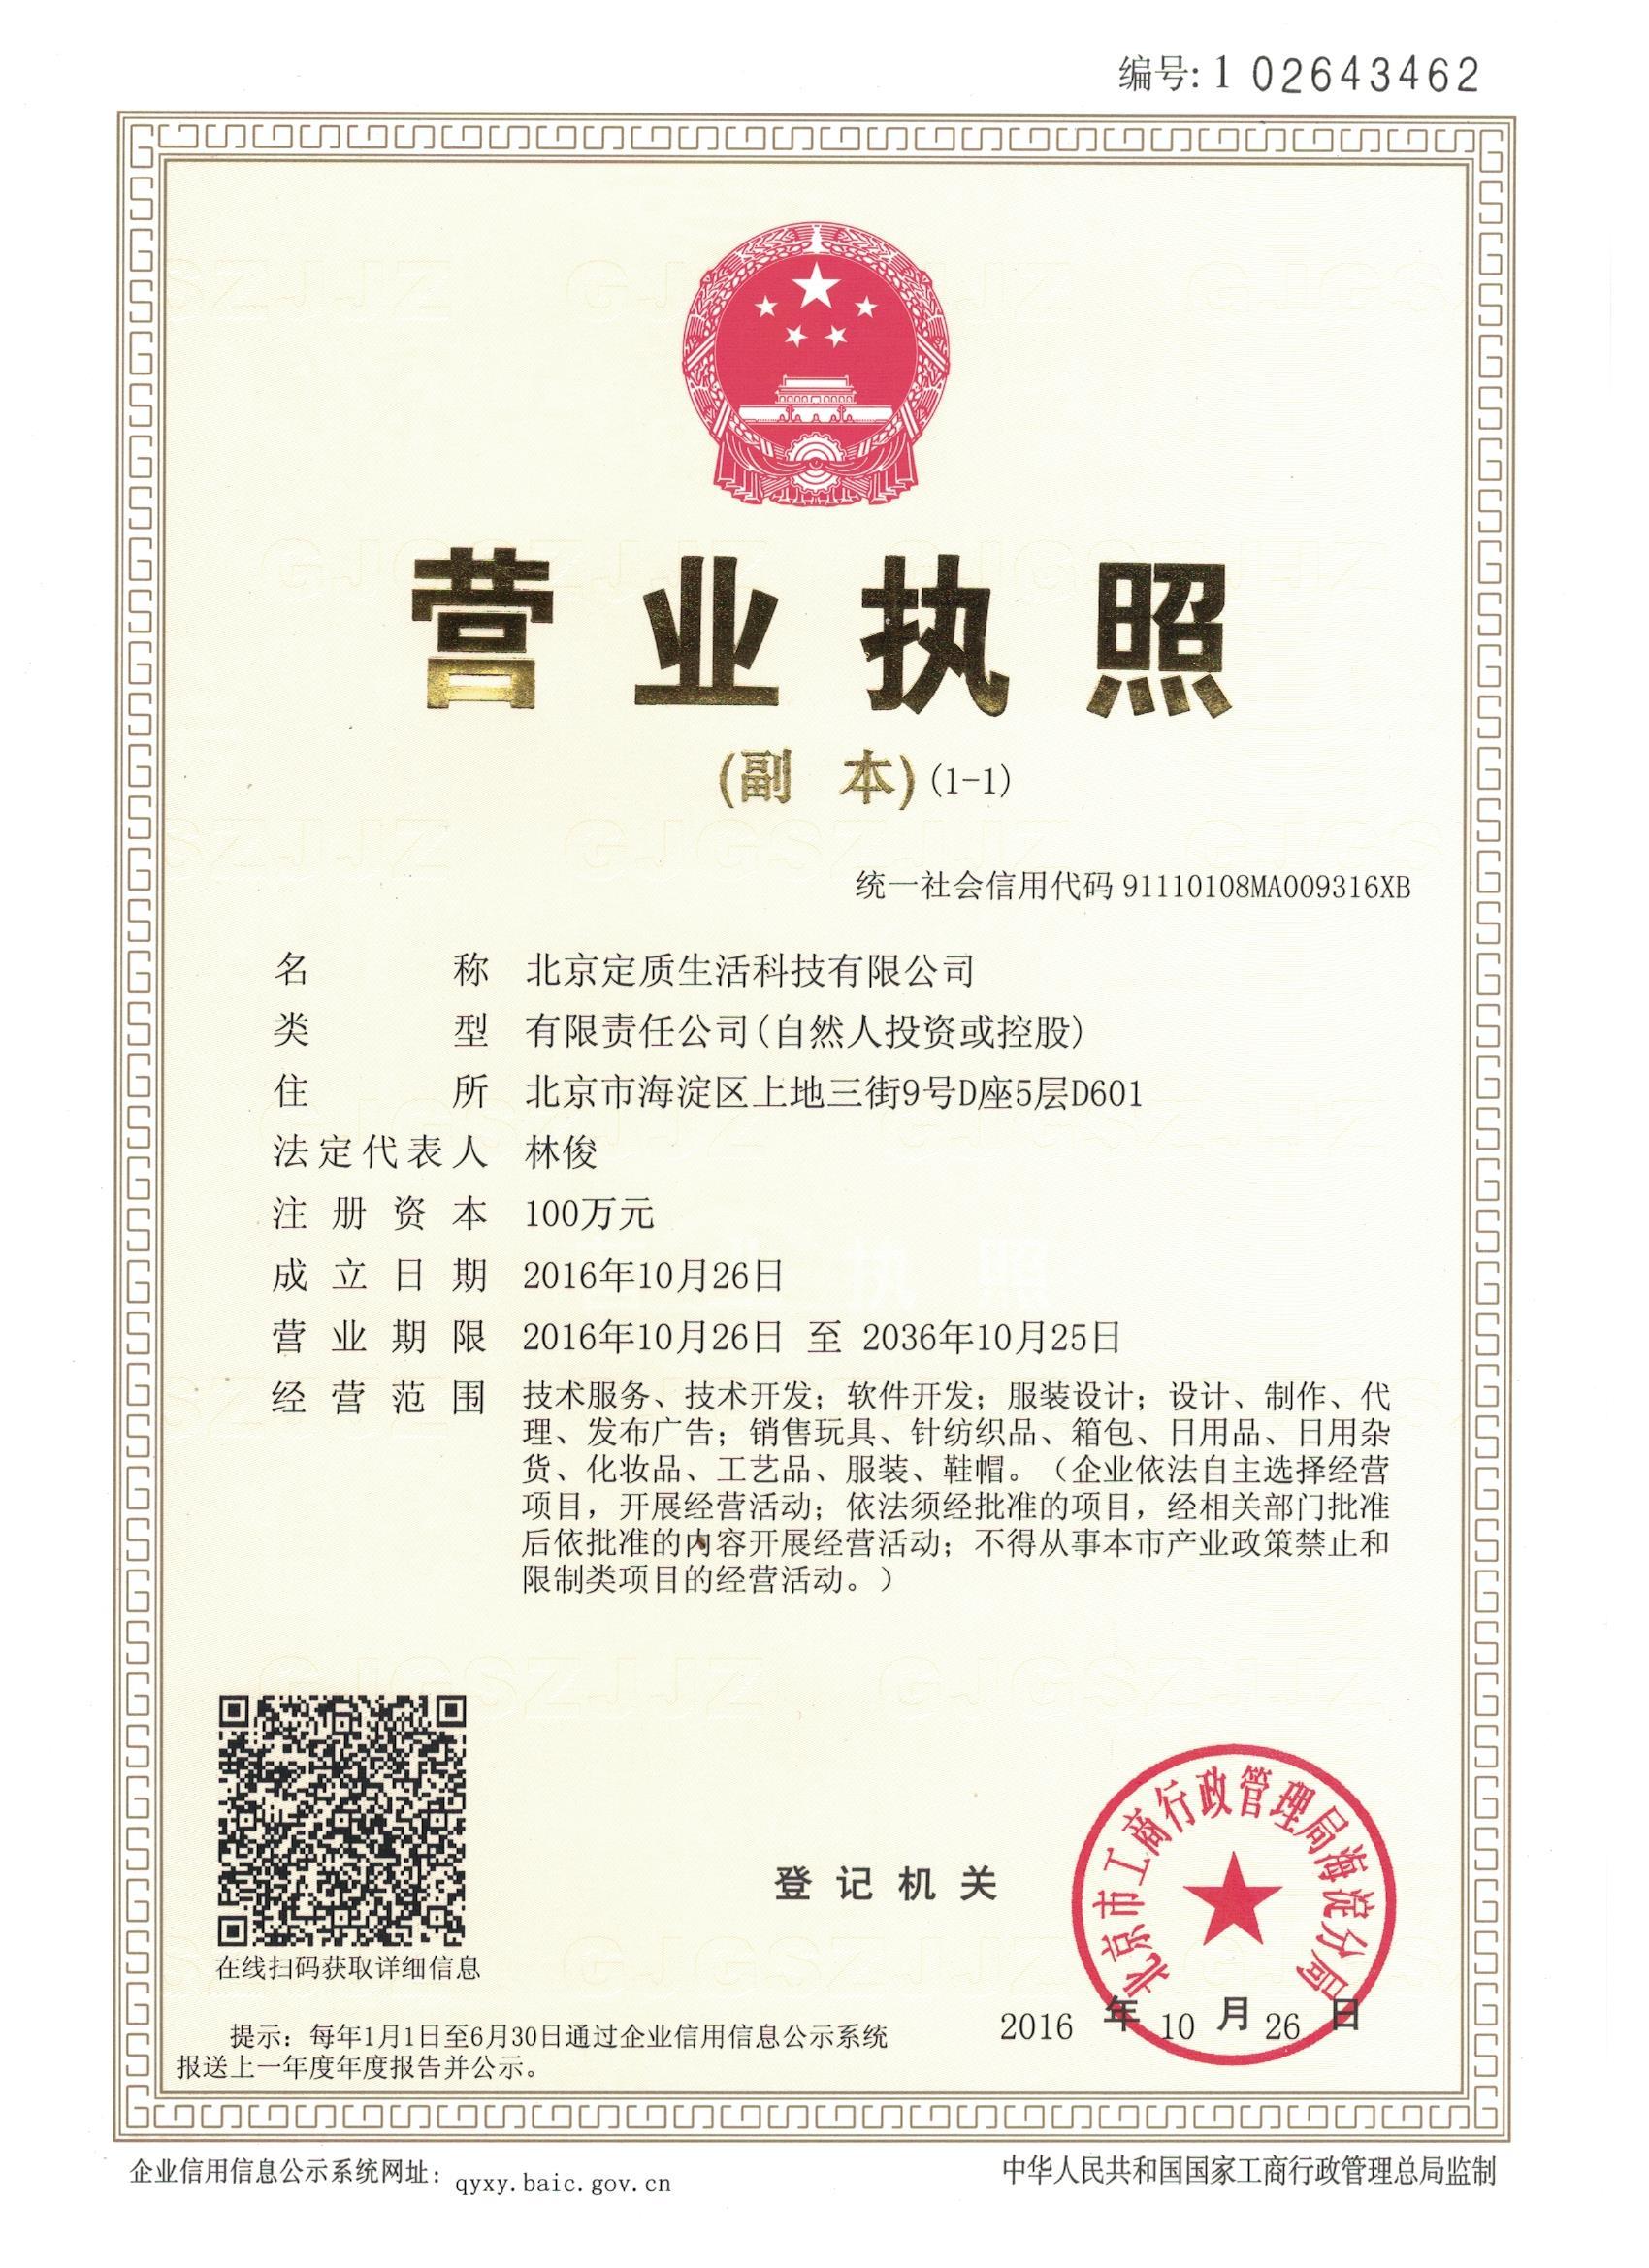 北京定质生活科技有限公司企业档案